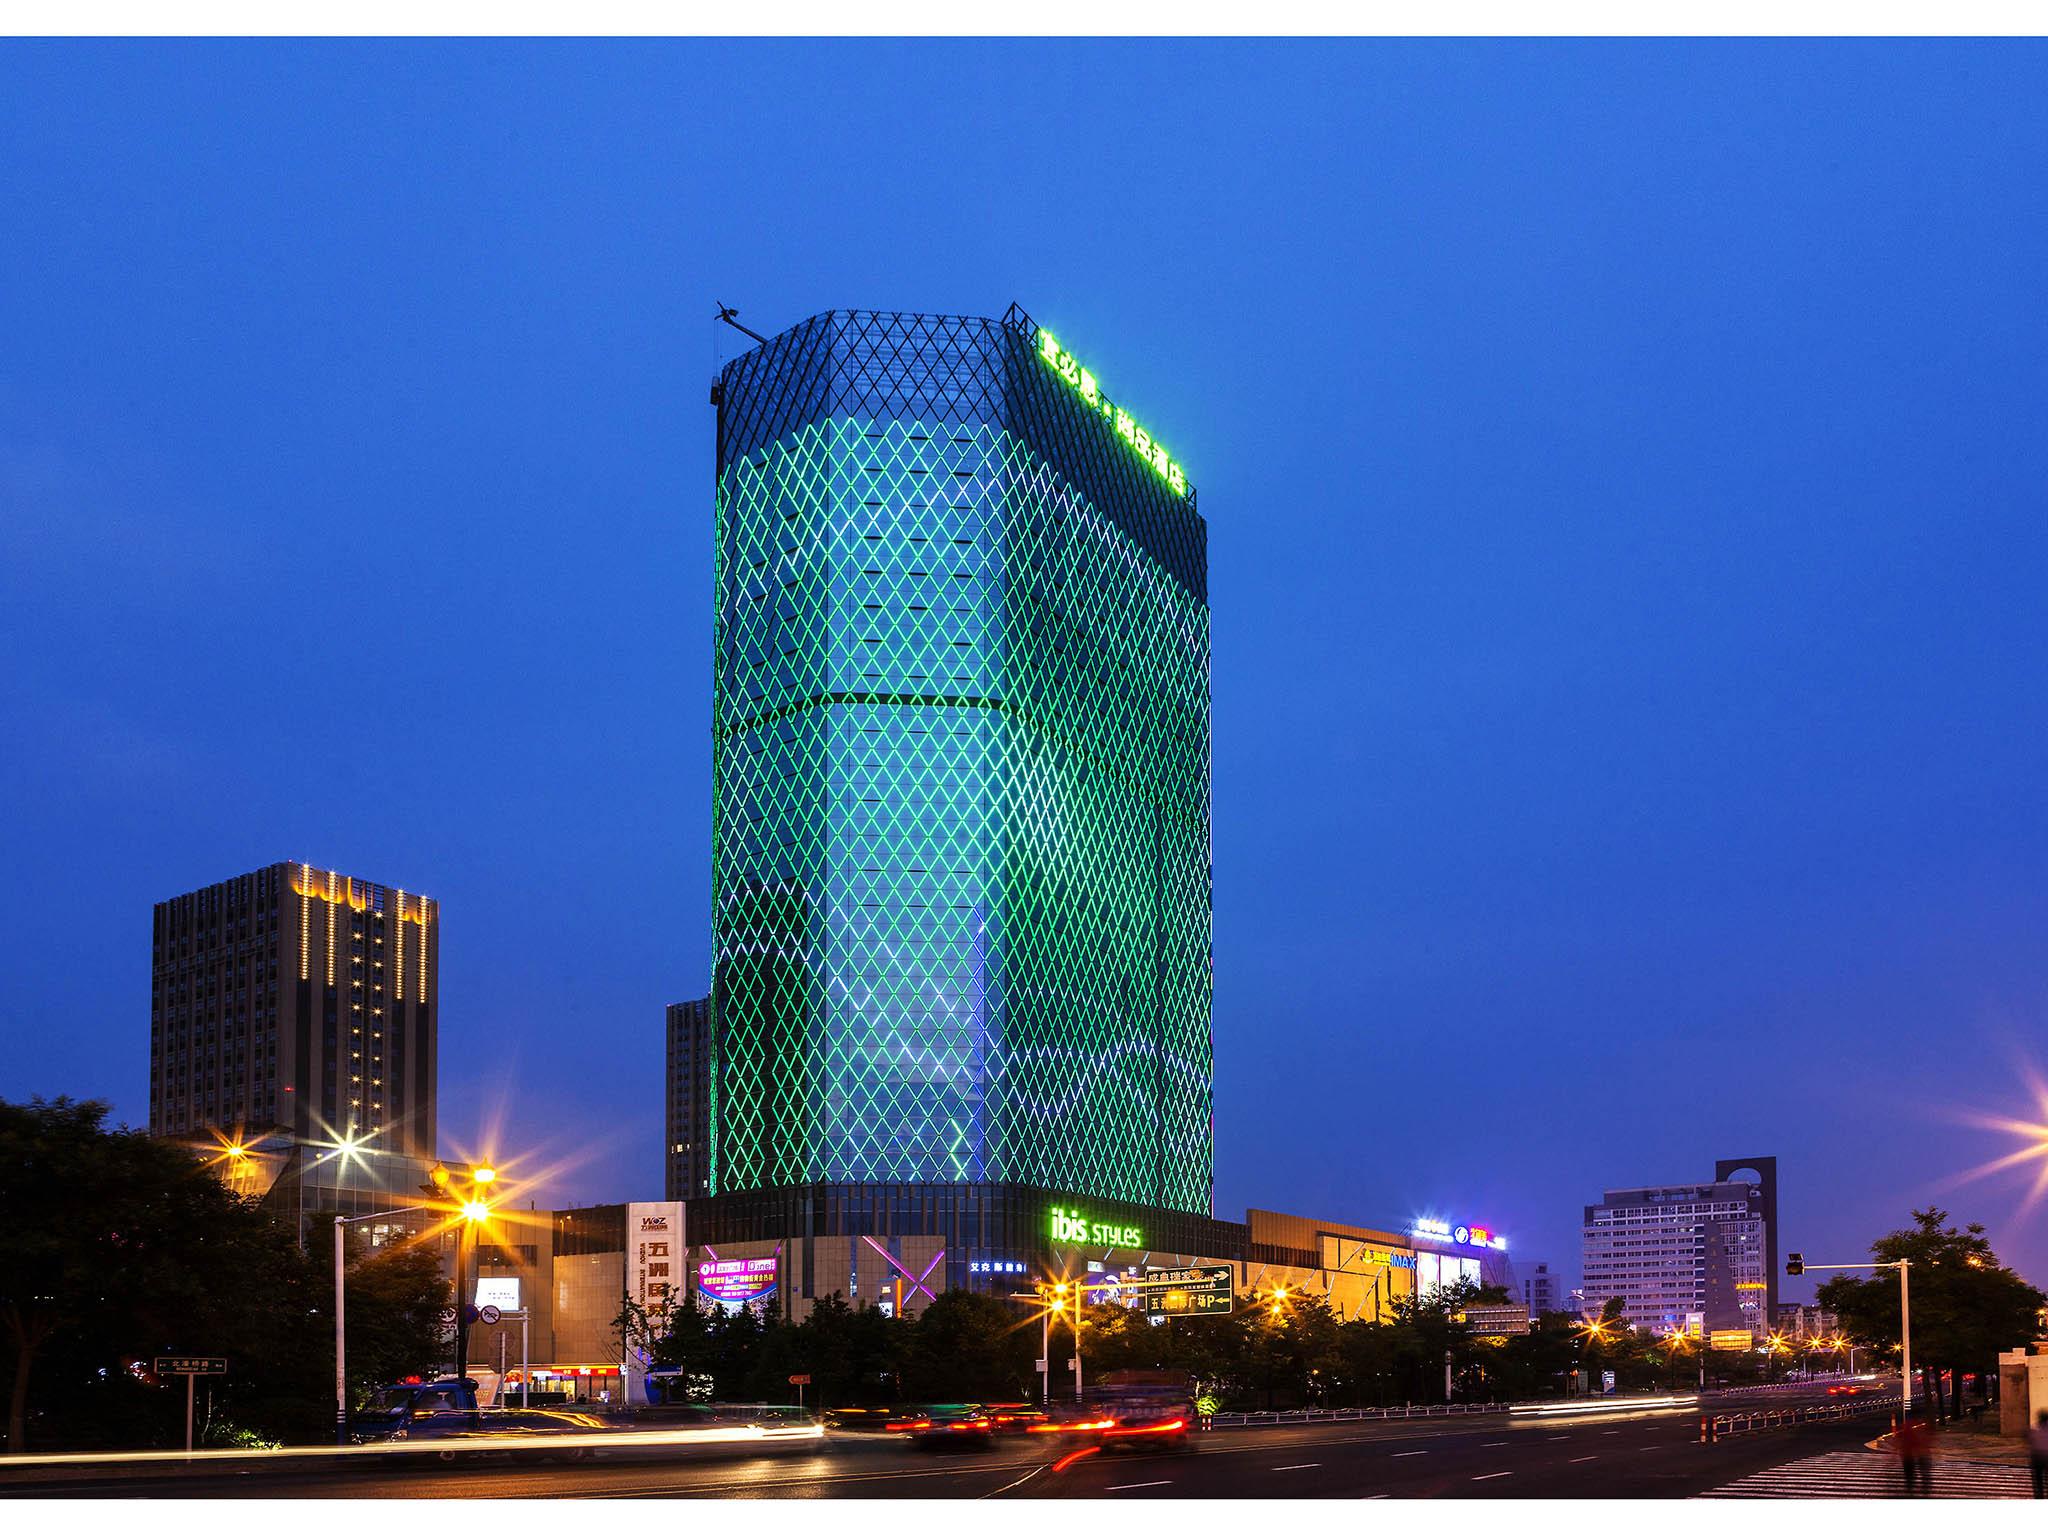 ホテル – イビス スタイルズ 南通 五洲 国際広場